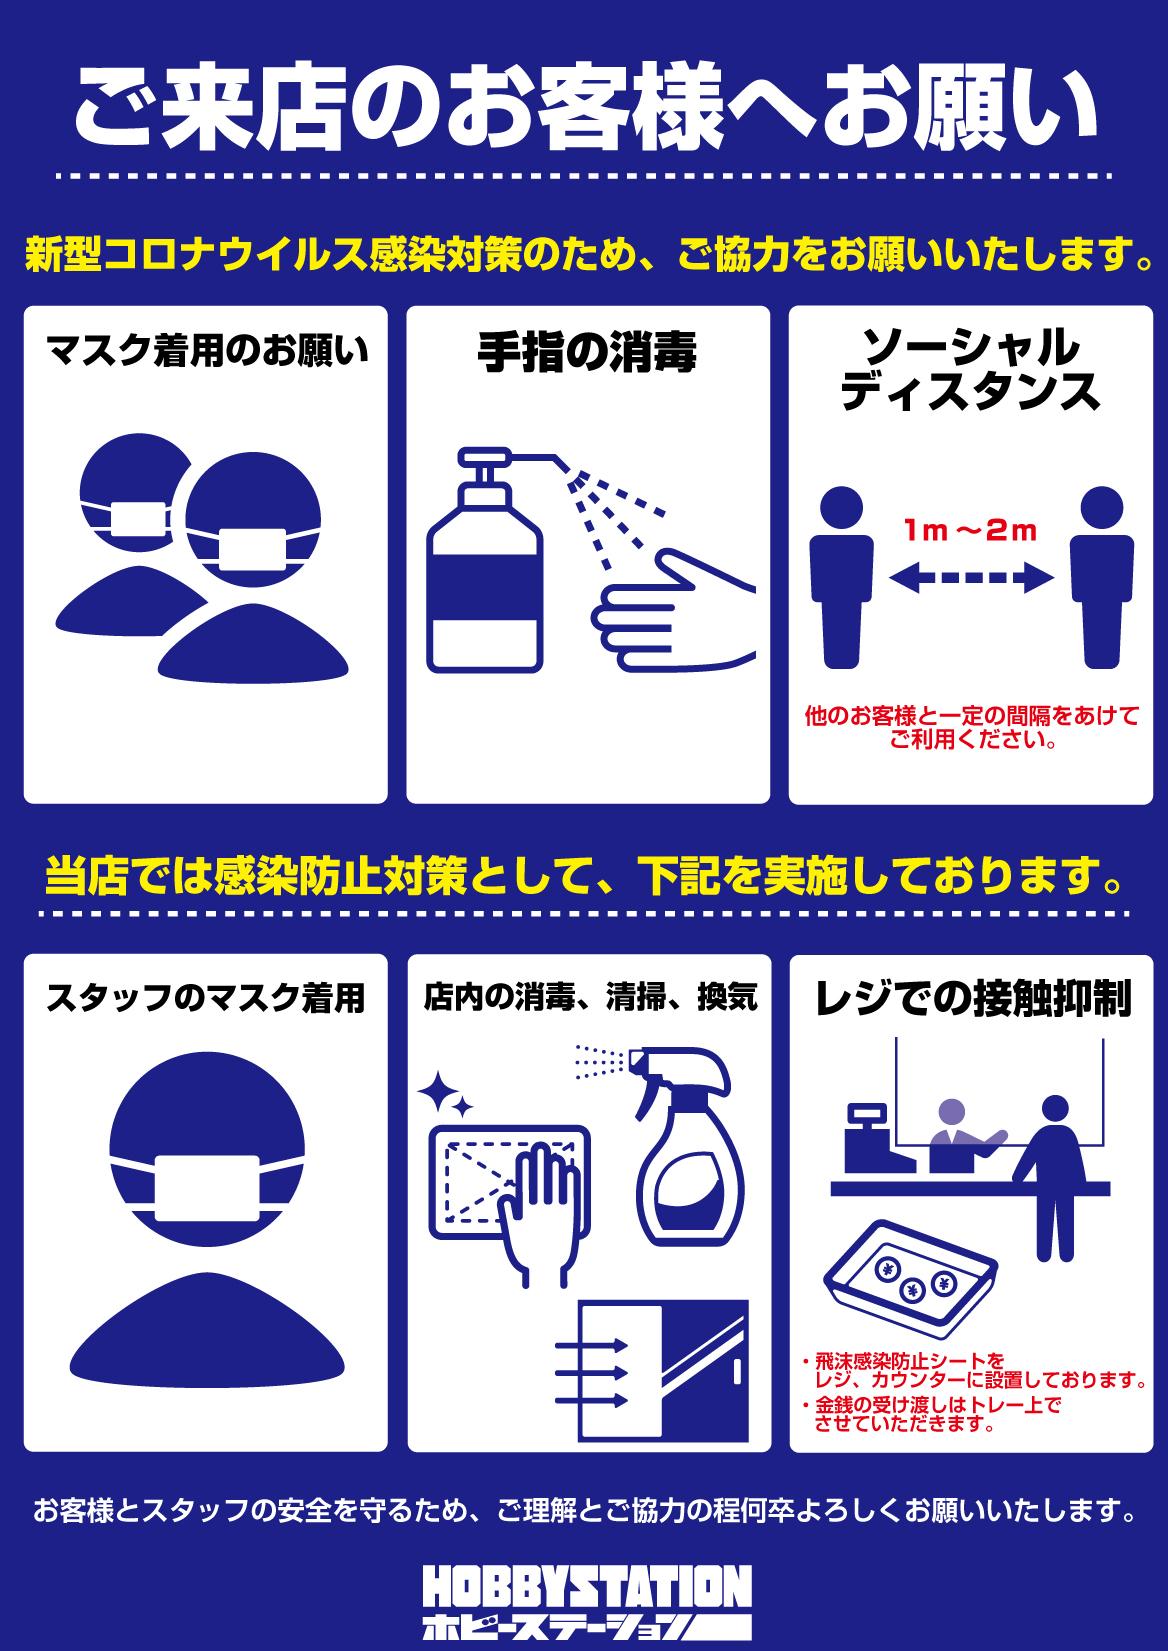 ホビーステーション・コロナウイルス感染対策